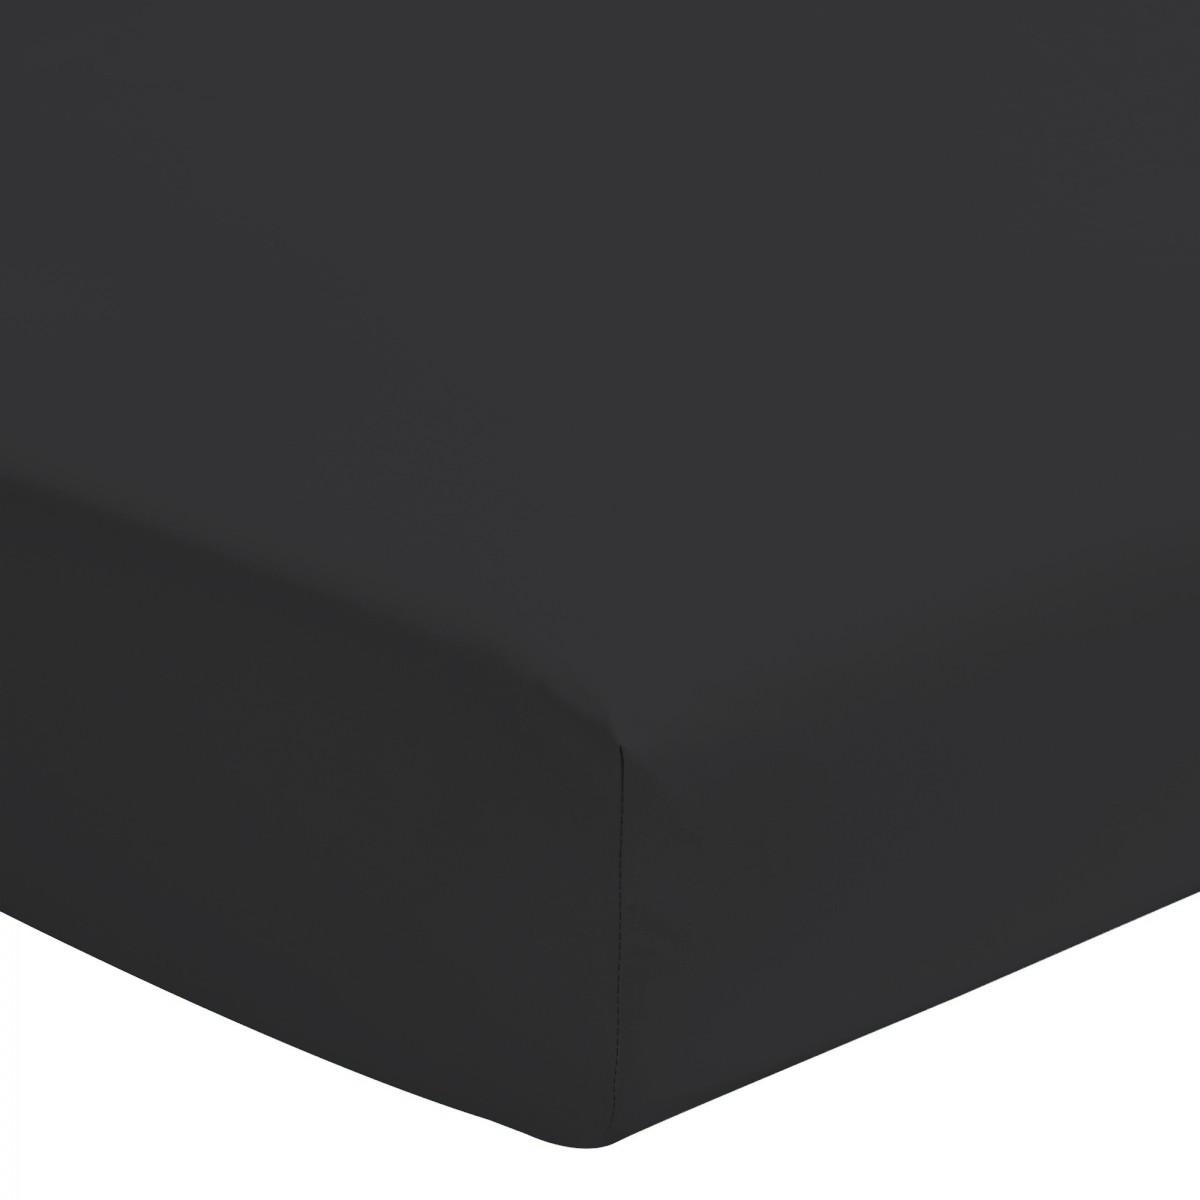 Drap Housse Uni 100% Coton Bonnet 25cm Noir 160x200cm